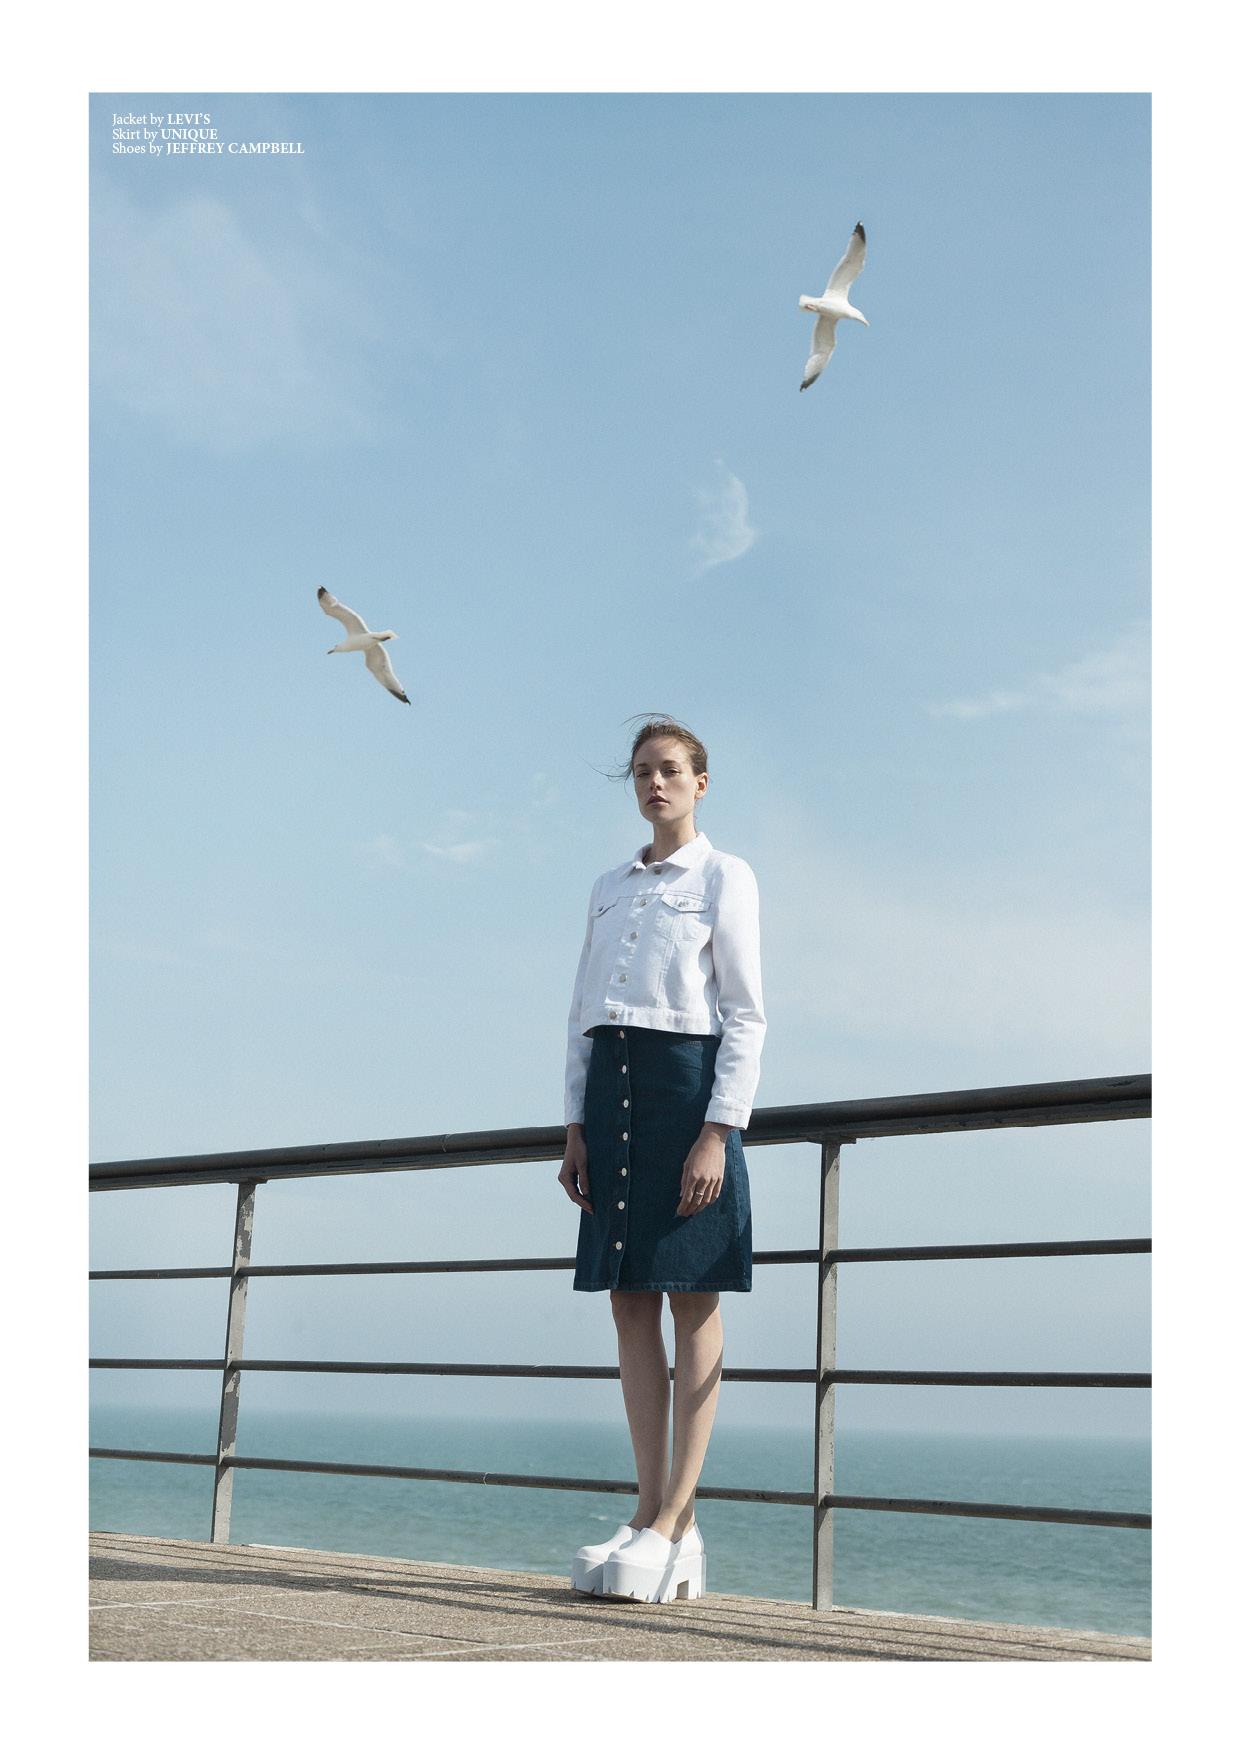 Valeria Gracia at Select, London by Rodrigo Carmuega